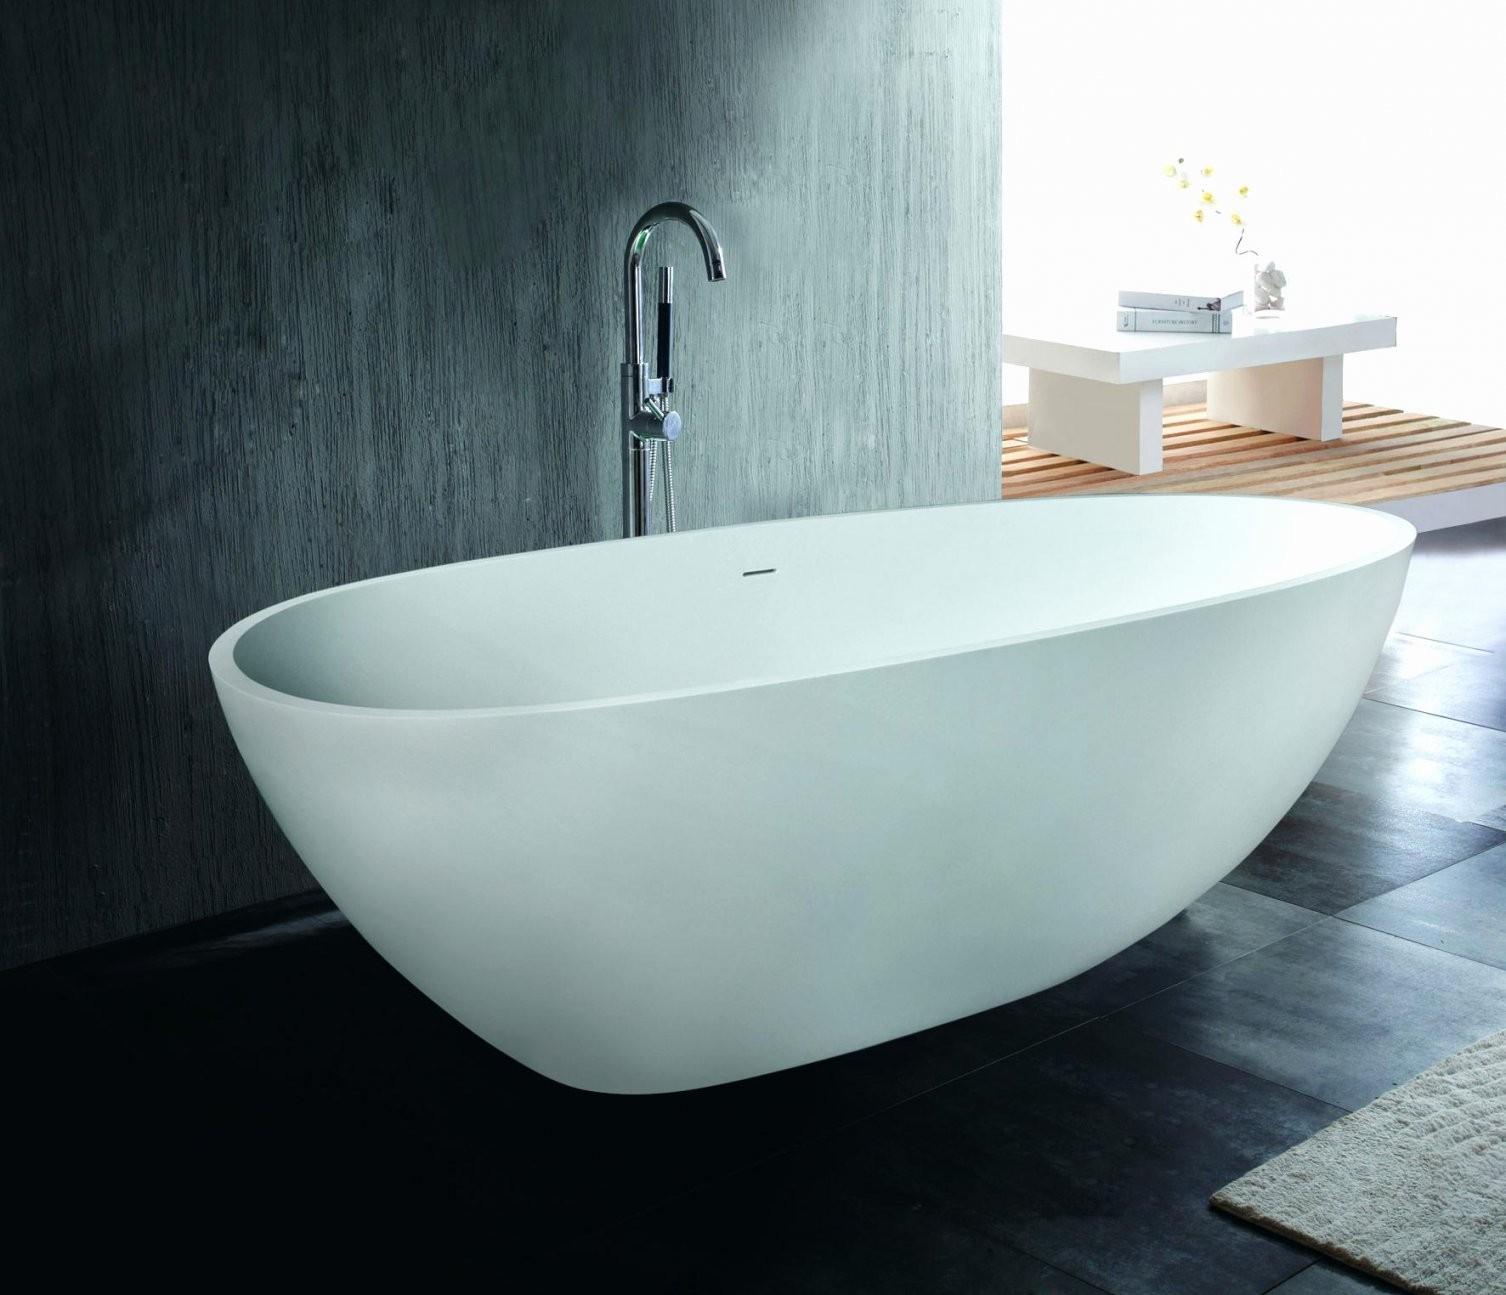 Wunderbar Ovale Badewannen Günstig Kaufen Luxuriös Freistehende von Freistehende Badewanne Günstig Kaufen Bild